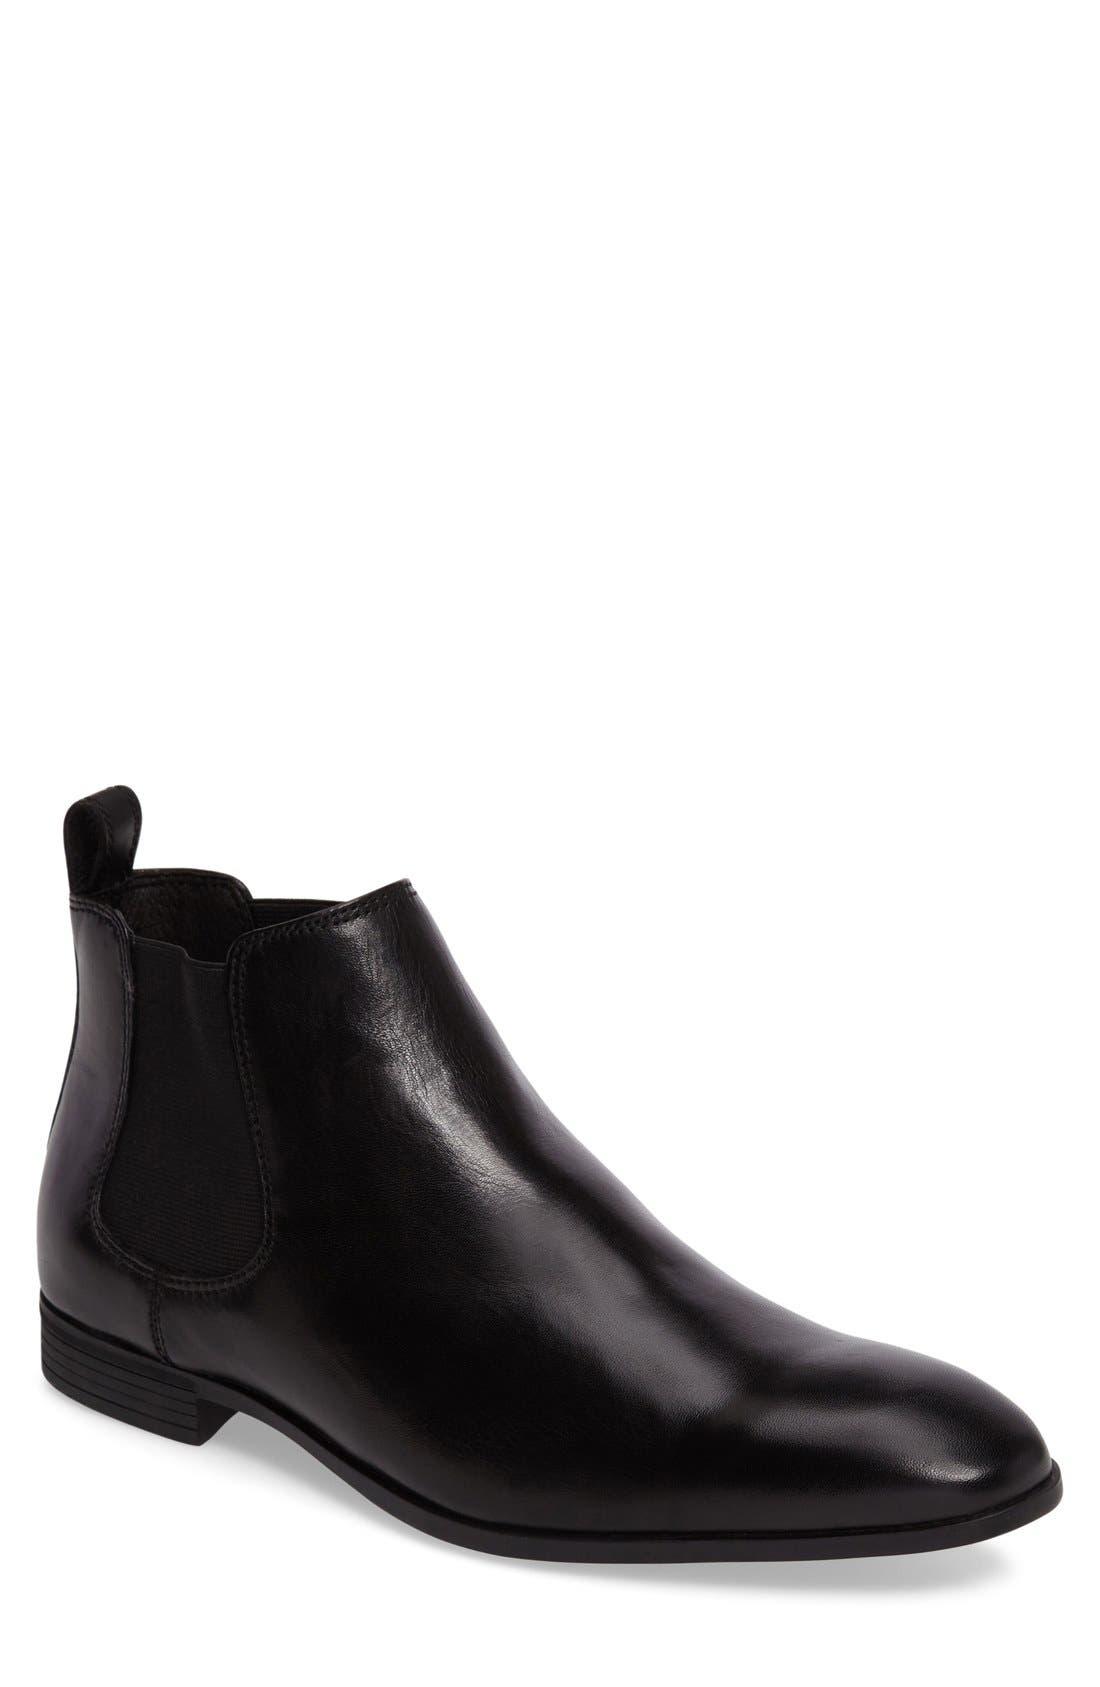 Alternate Image 1 Selected - Calibrate 'Huntley' Chelsea Boot (Men)